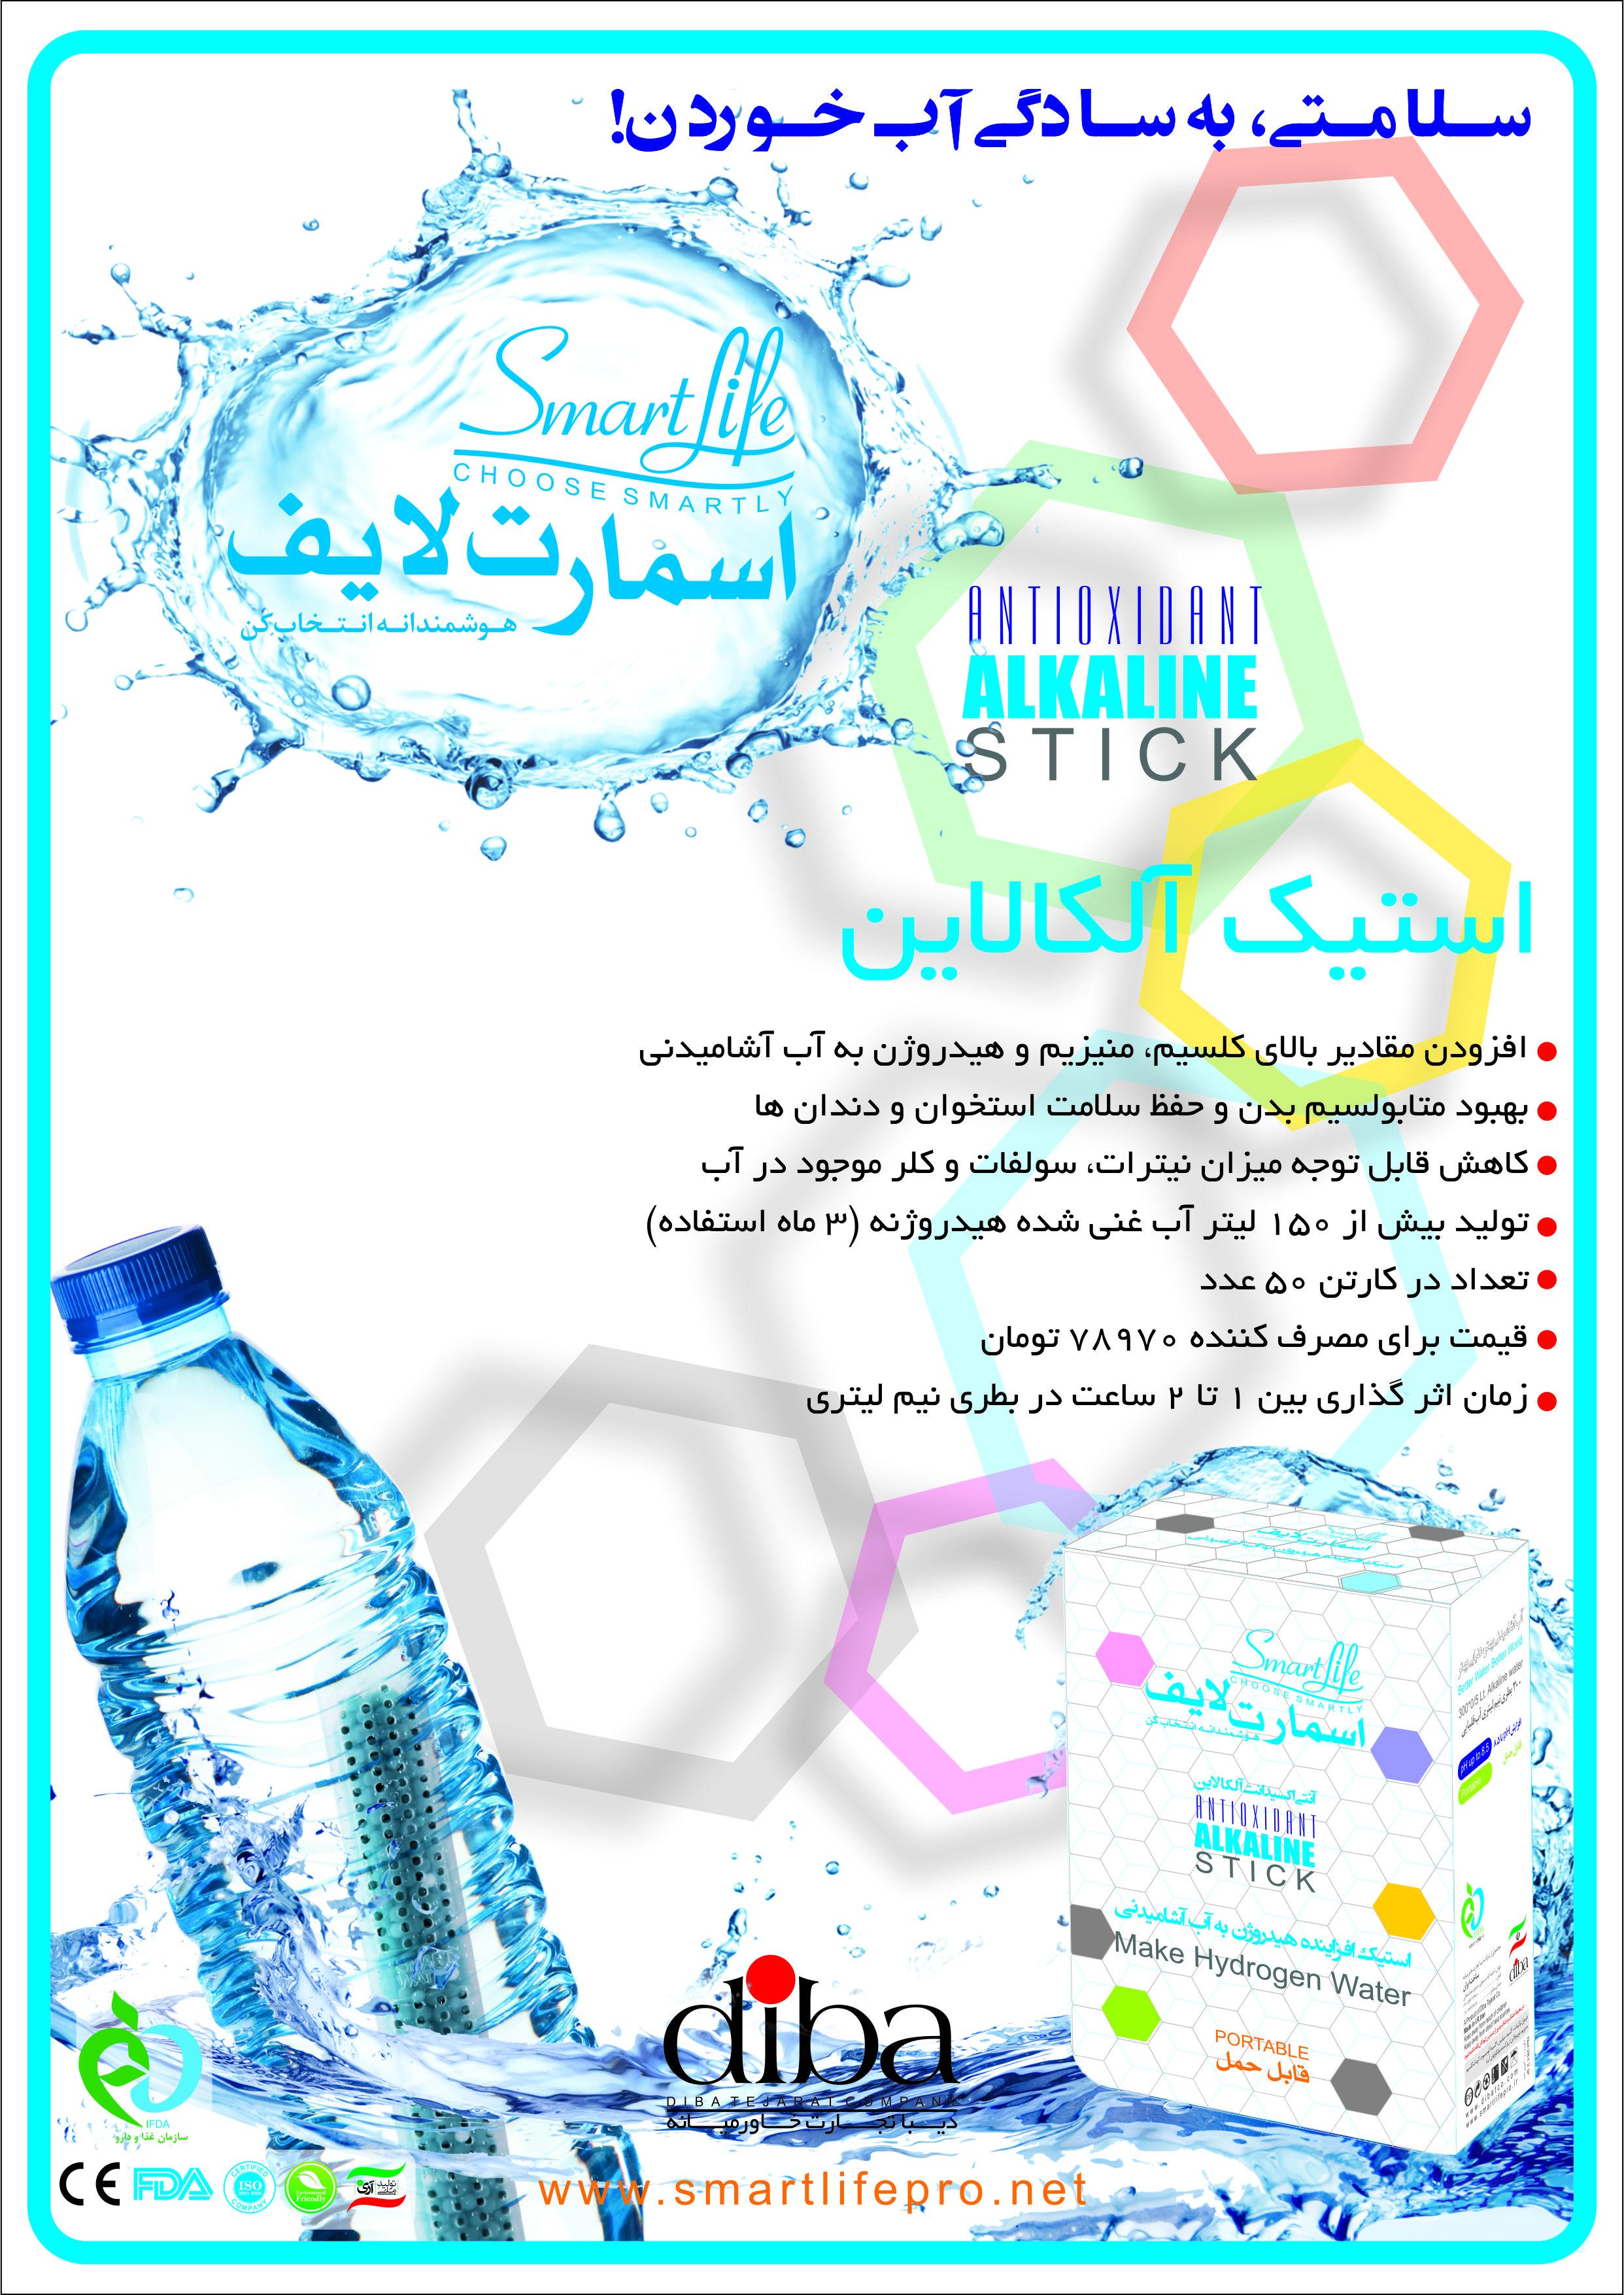 پوستر, استیک آلکالاین, اسمارت لایف, آب قلیایی, آب غنی شده, افزاینده هیدروژن, آب غنی از هیدروژن,